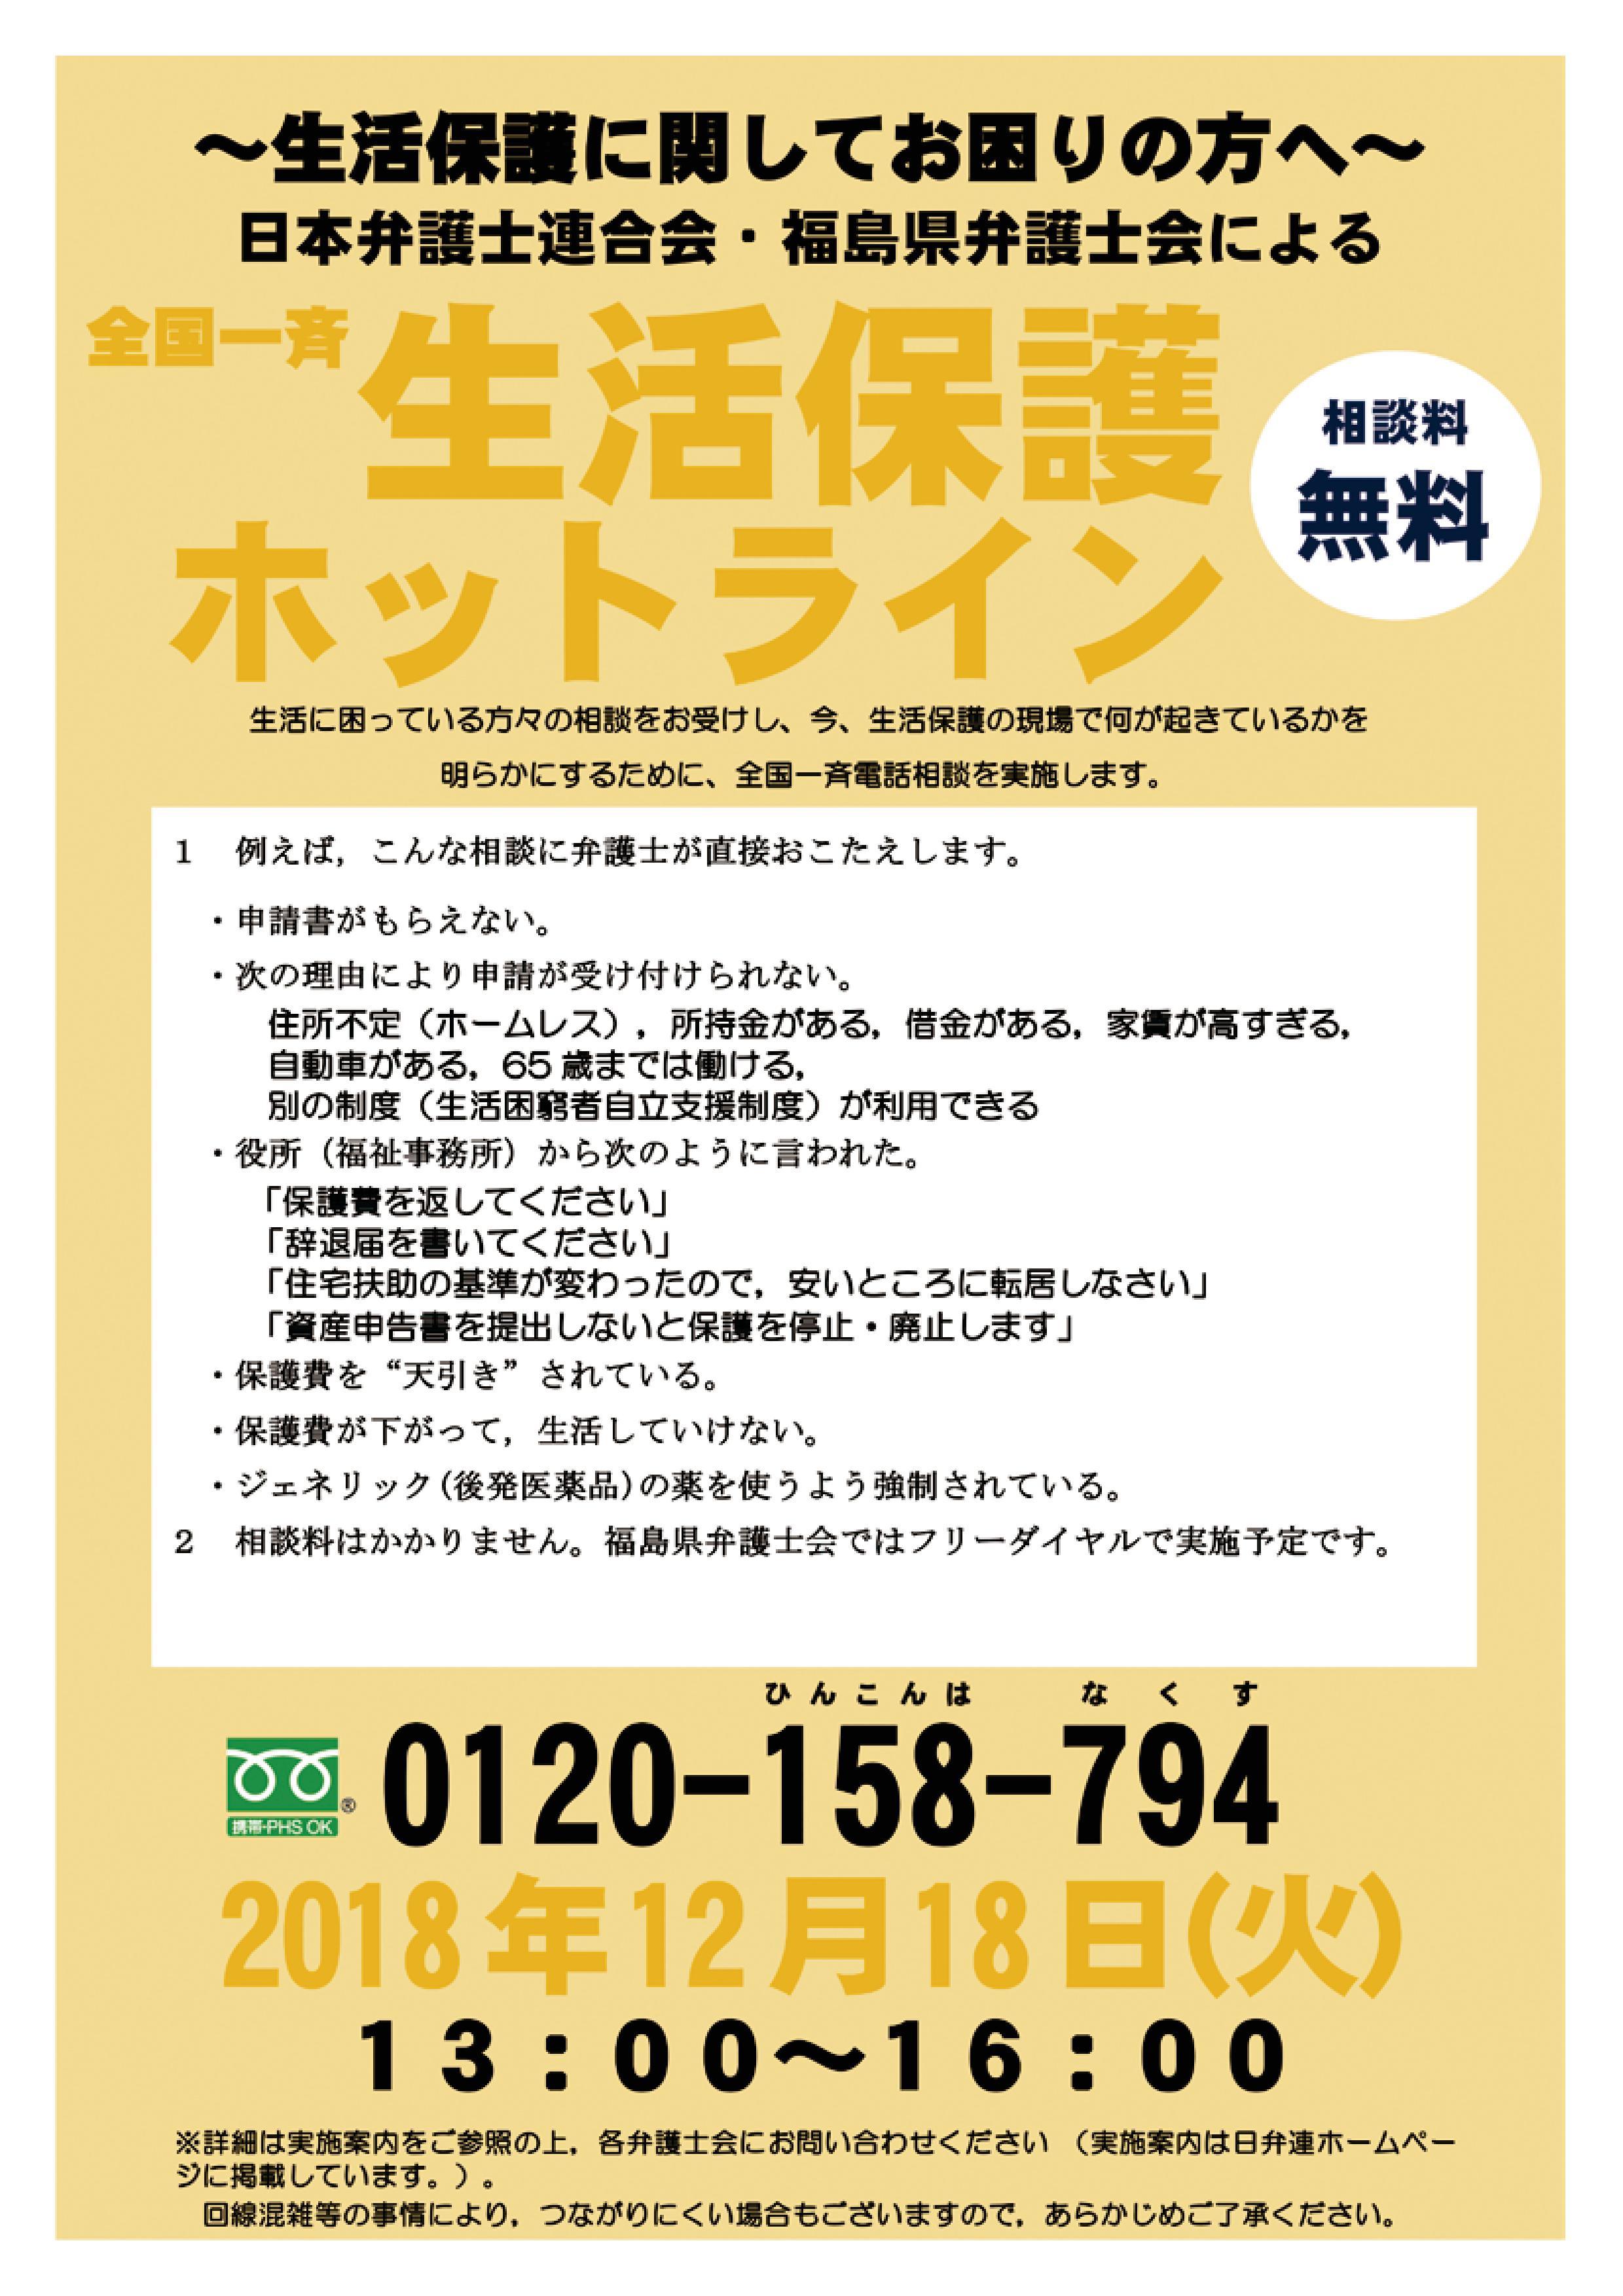 校正25-生活保護ホットライン-A4-181107